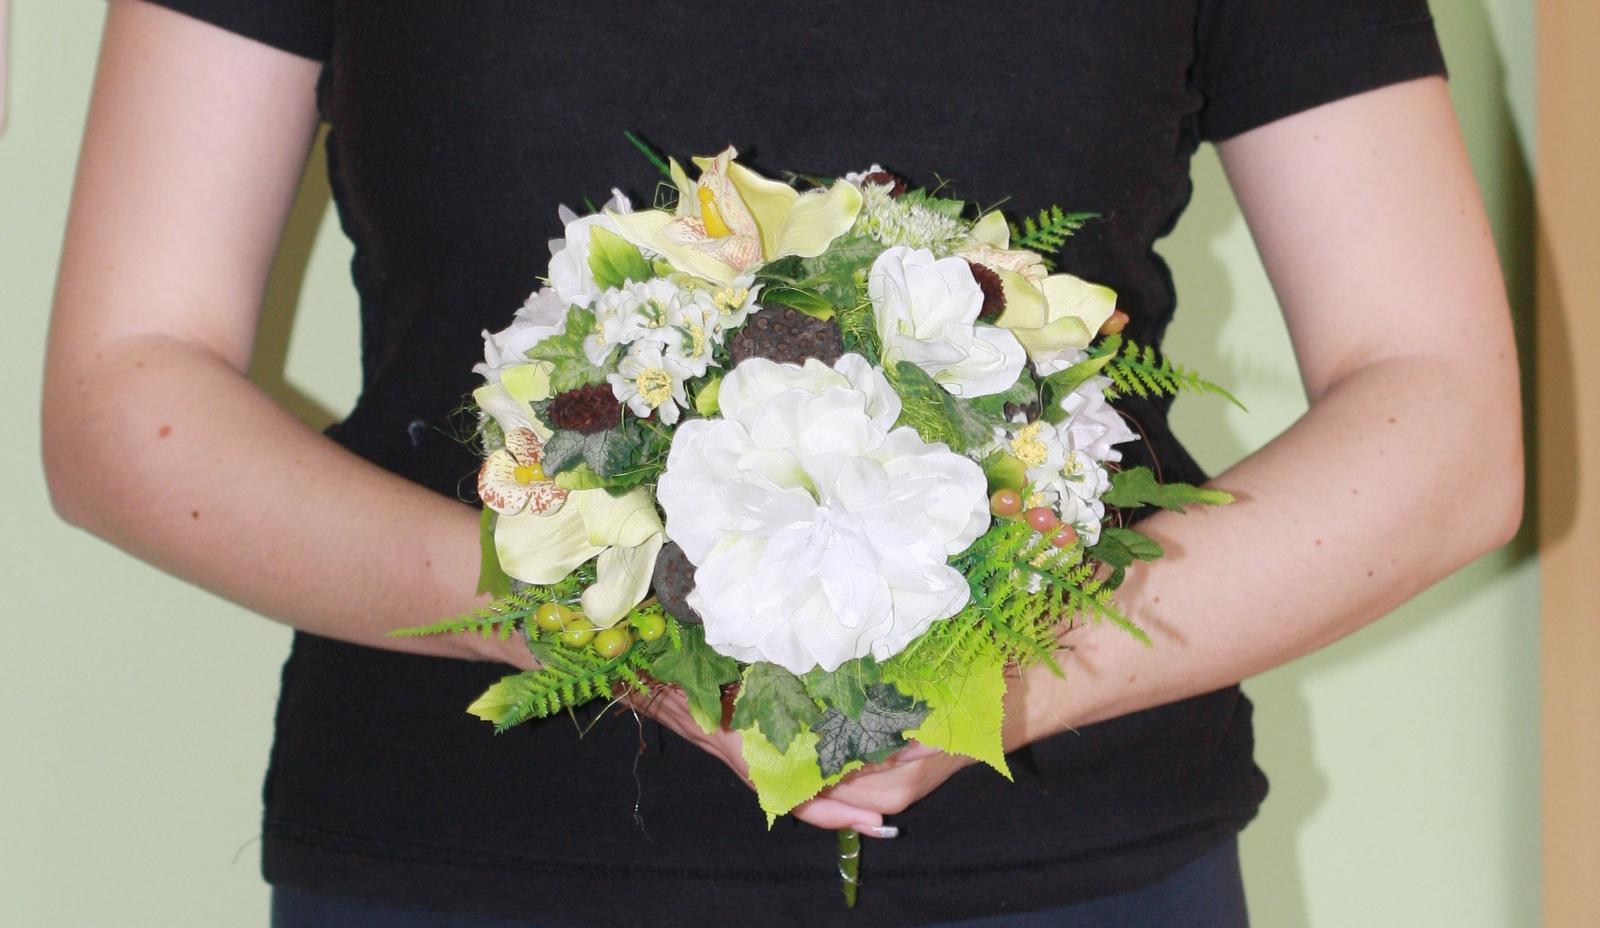 tak dalsia dilema :) snad pomozete, mala som uz davno kyticu, umelu lebo nechcem zive kvety a teraz som si dala urobit susene kytice na stol a jednu taku vacsiu, ktora sa mi zapacila, tak ktoru ako svadobnu? - Obrázok č. 1